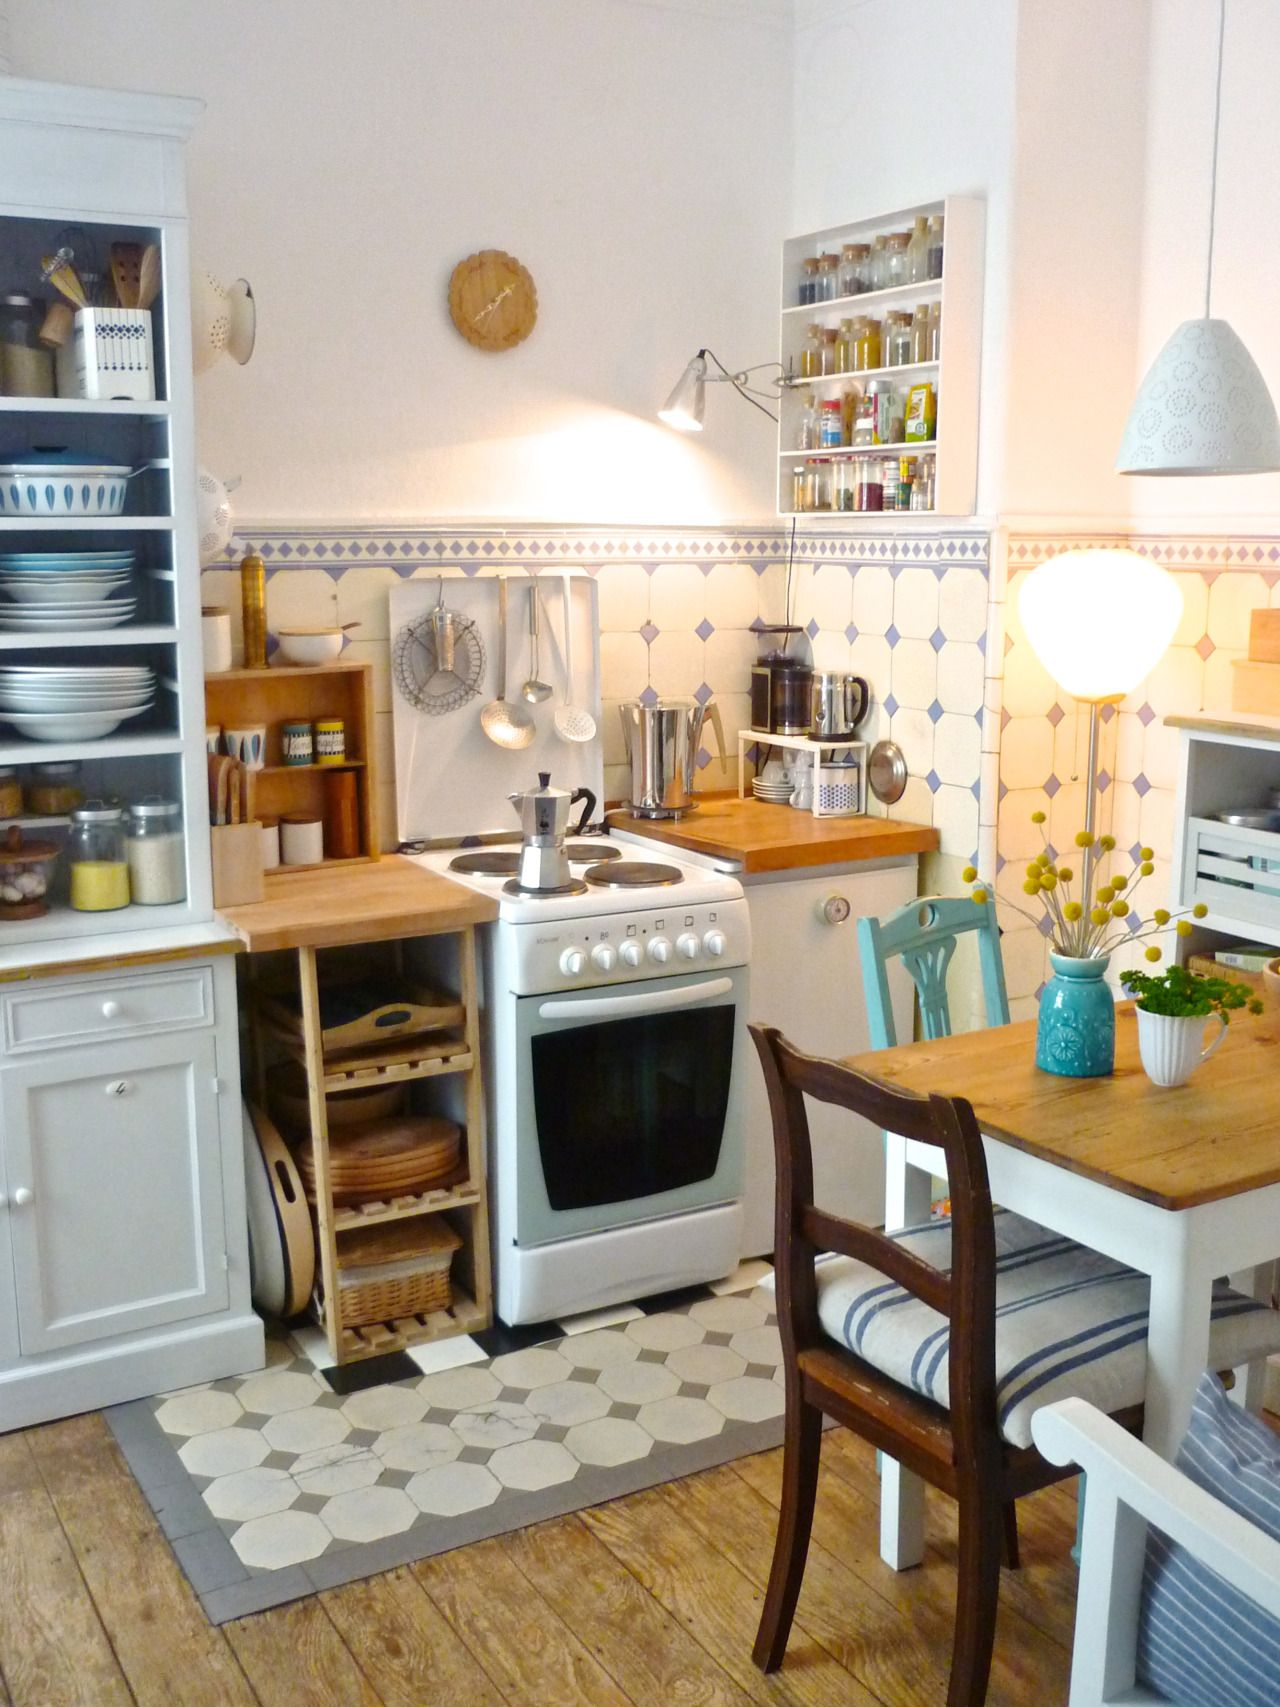 pin von cate shea auf rooms pinterest kleine k che wohnung k che und gem tliche k che. Black Bedroom Furniture Sets. Home Design Ideas